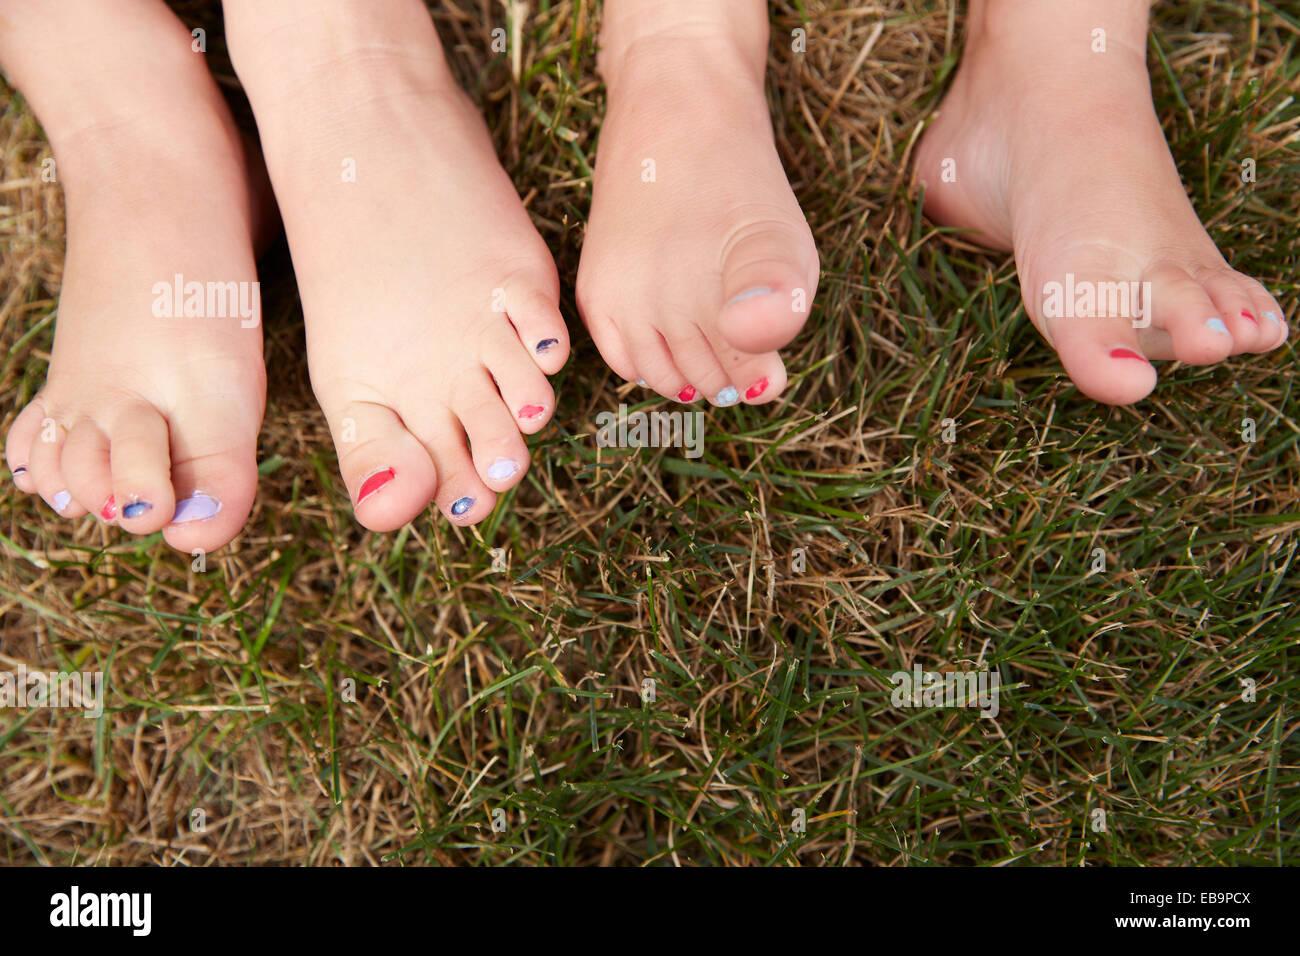 Füße schöne lackierte So bekommen